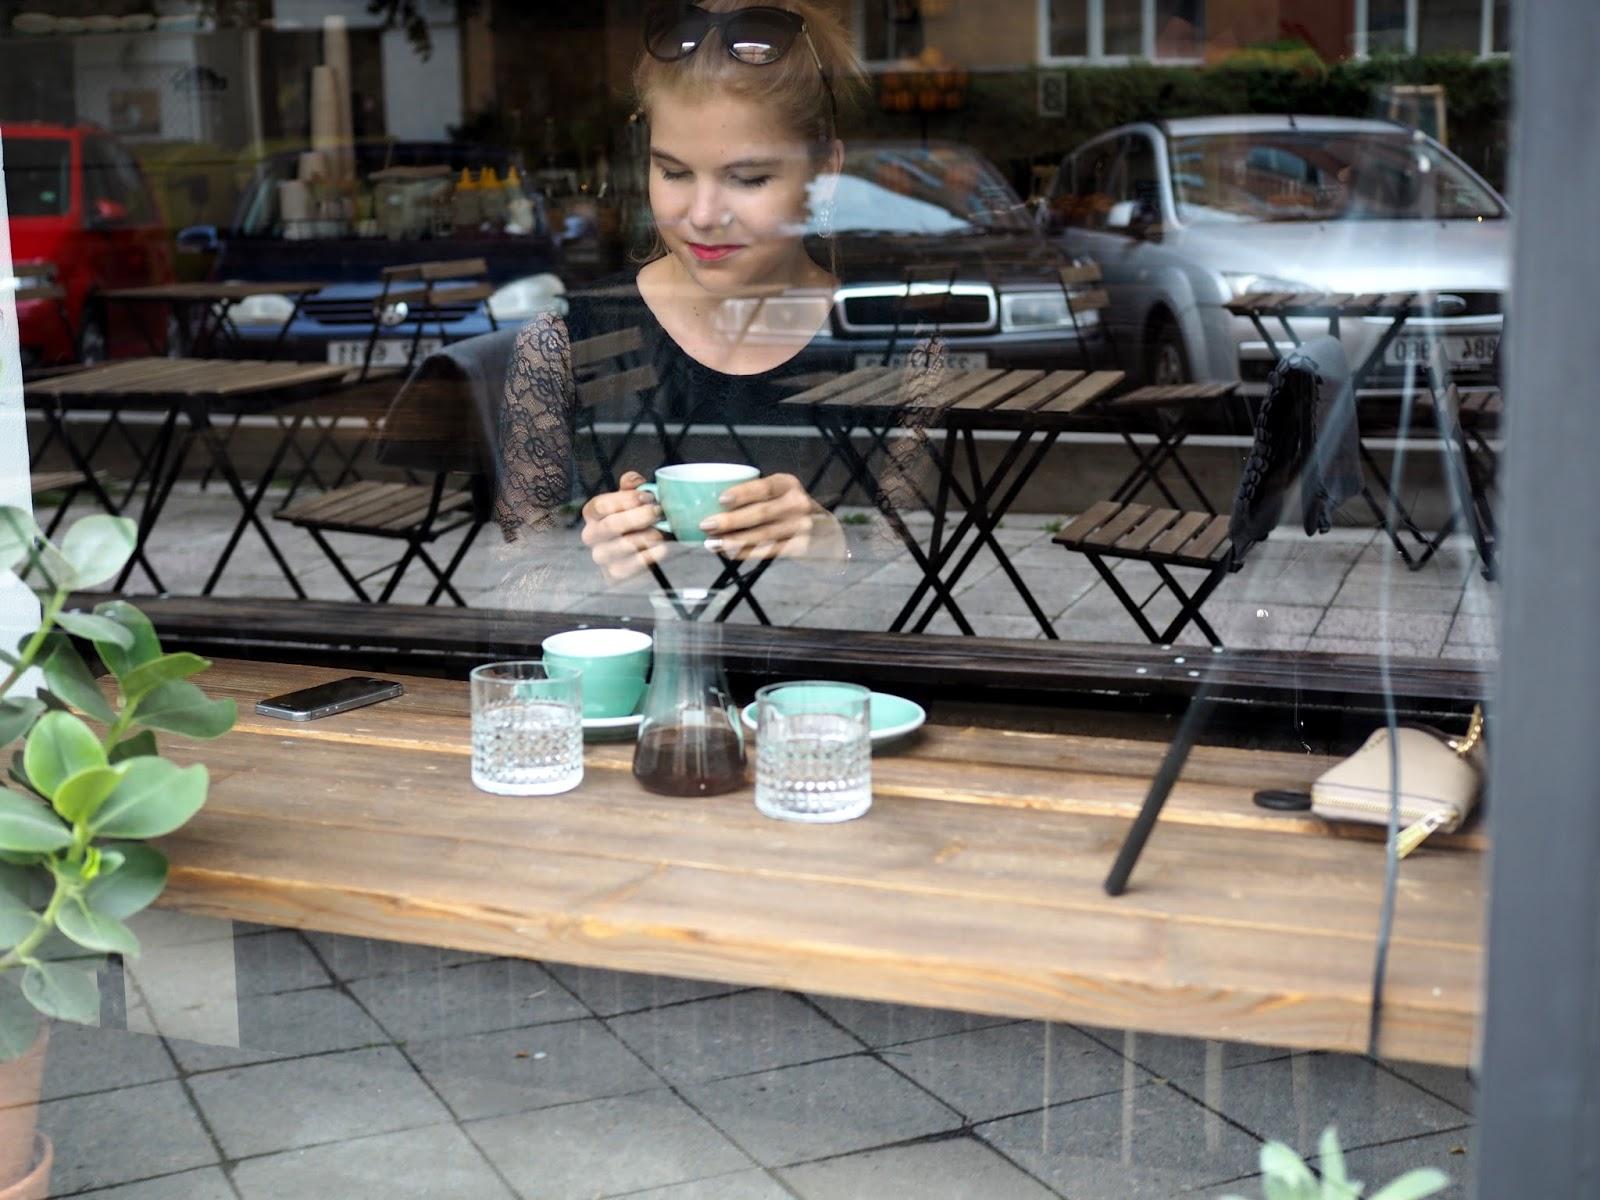 Punkt kavárna brno